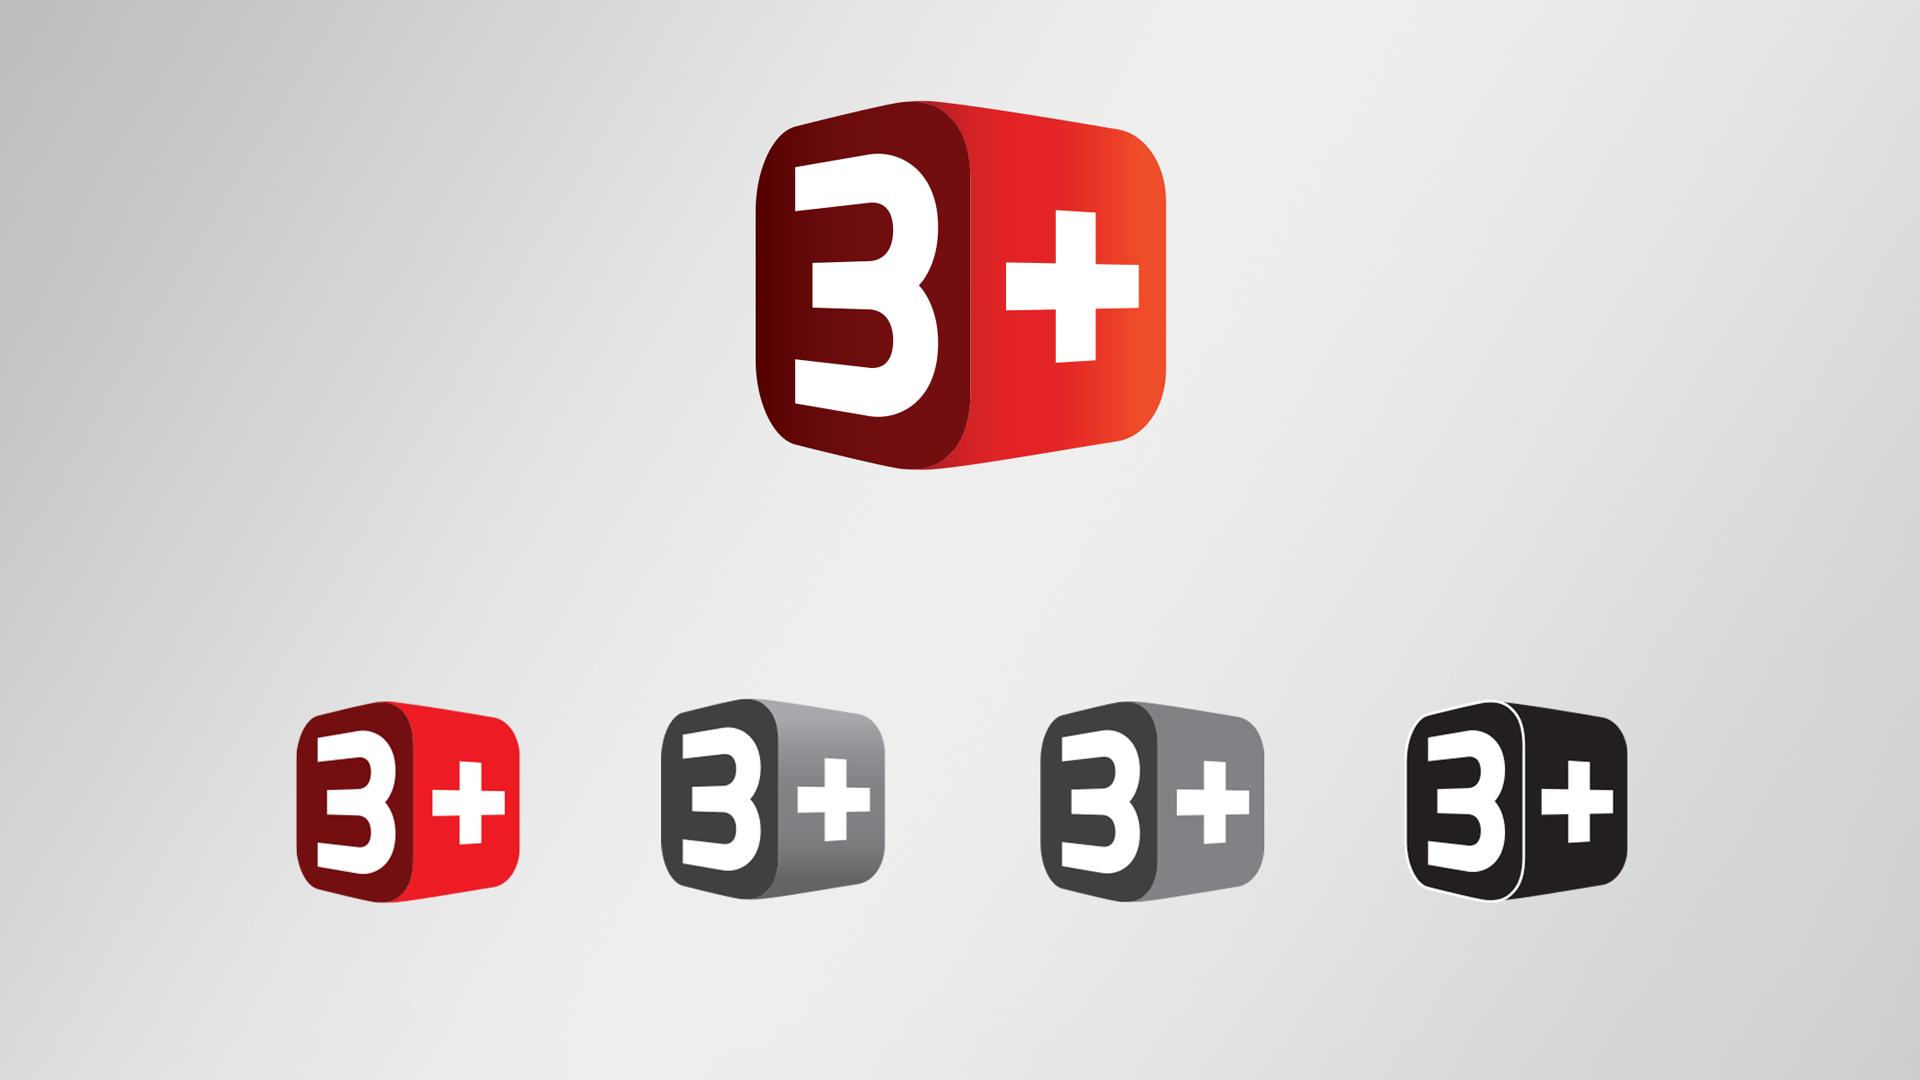 3Plus-Logos